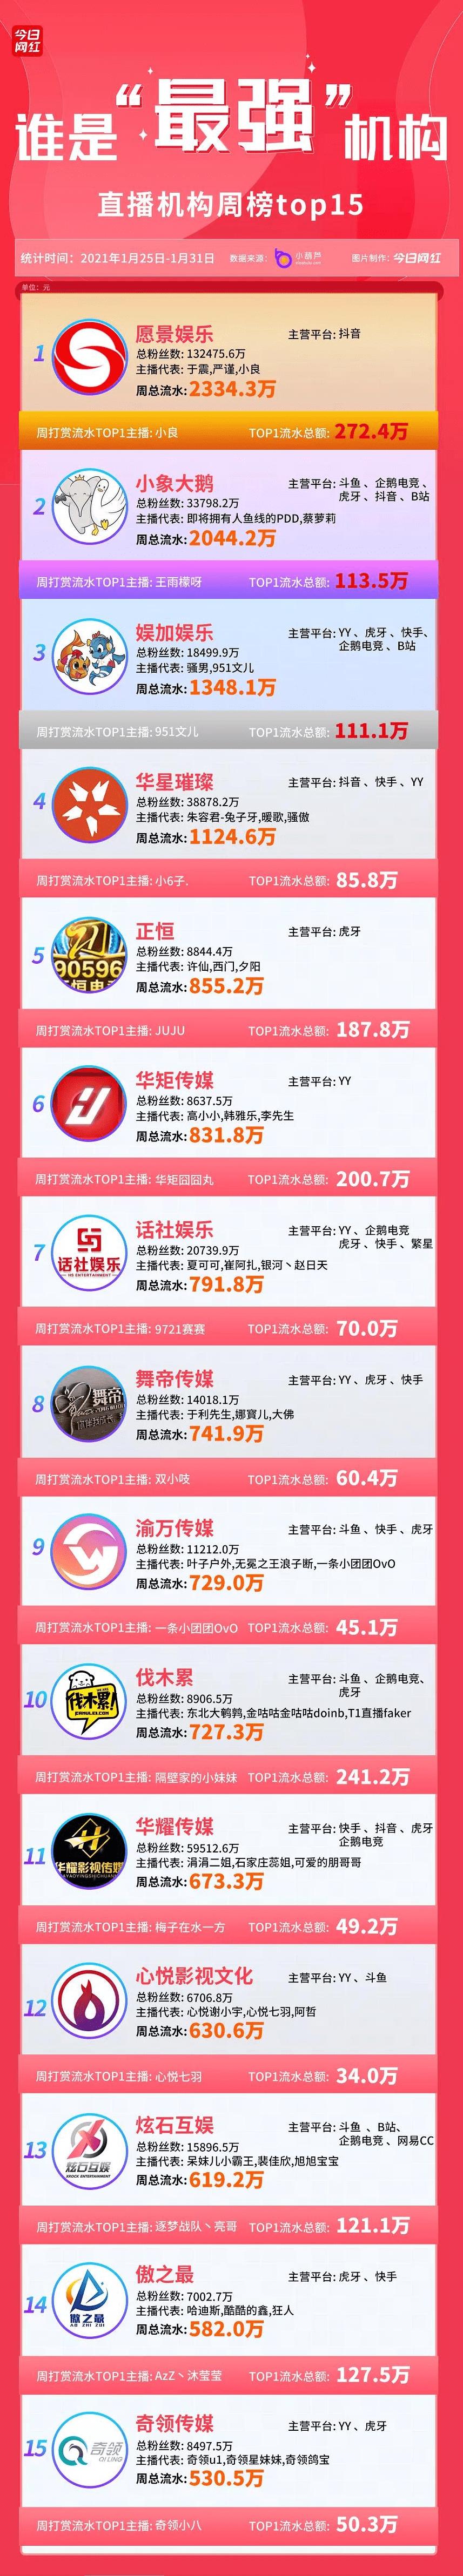 公会周榜|视觉娱乐2334万夺冠